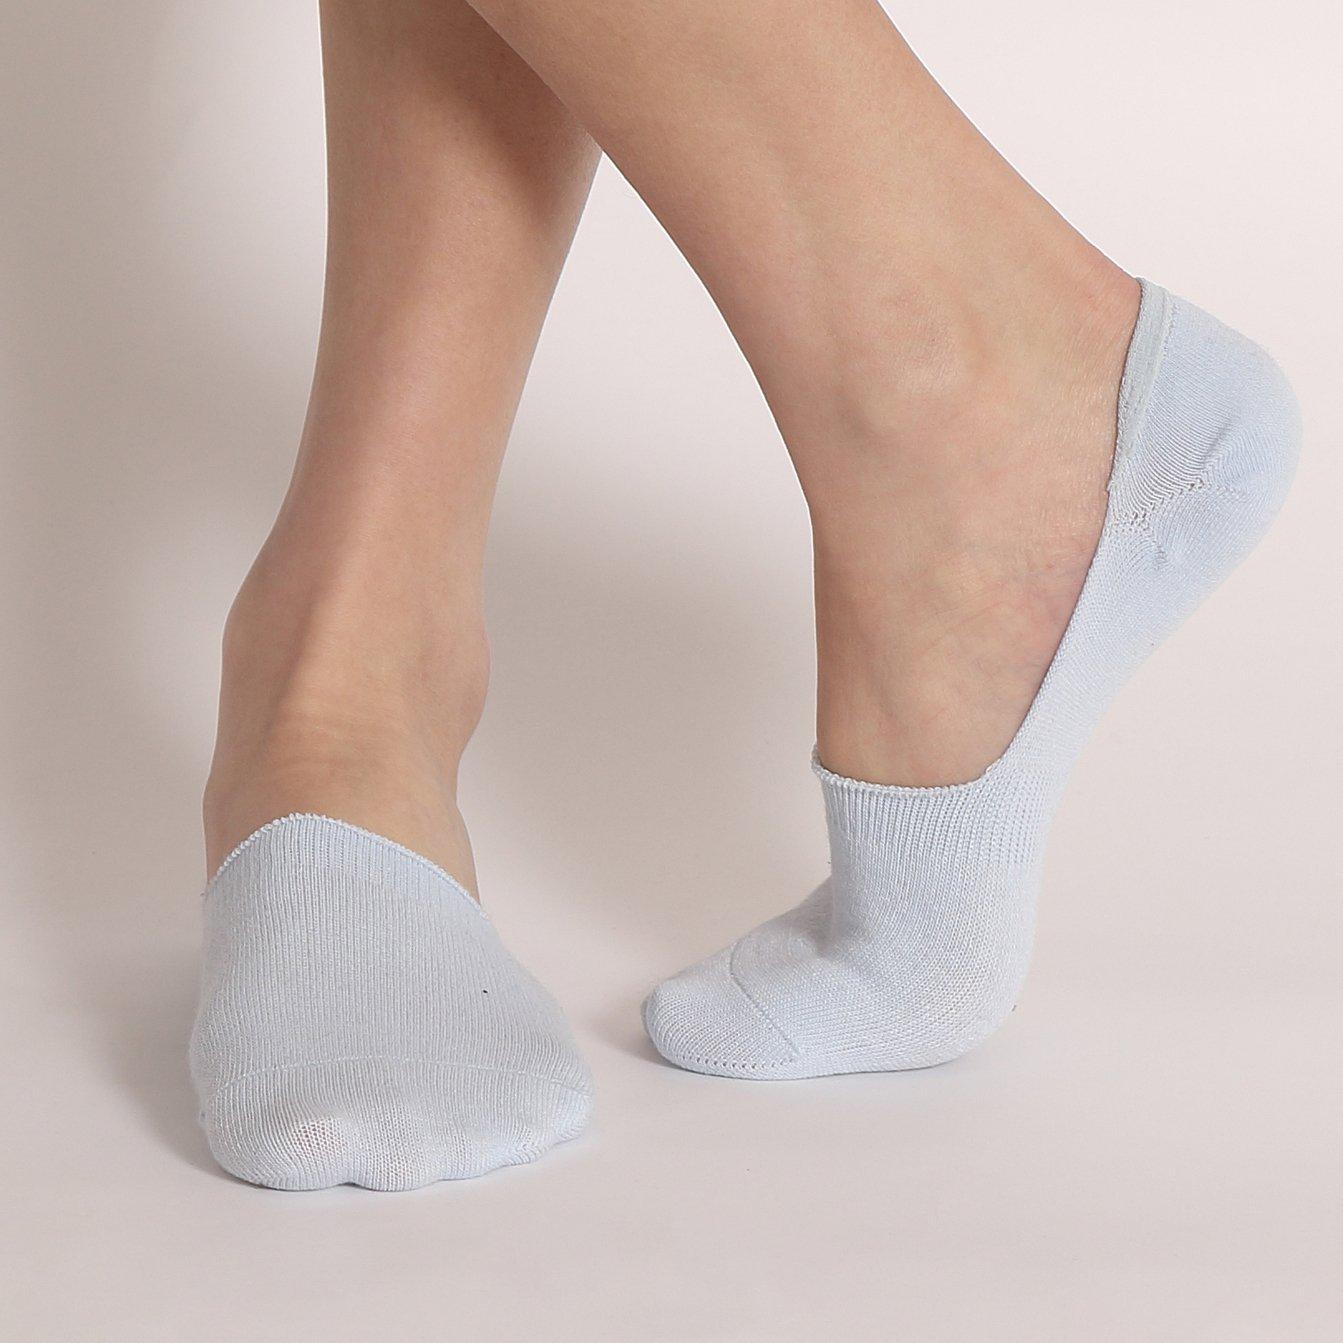 Ueither Calcetines Cortos Transpirable Calcetines Invisibles Hombre Sneaker de Deporte Algod/ón No Show Antideslizante Calcet/ínes del Tobillo